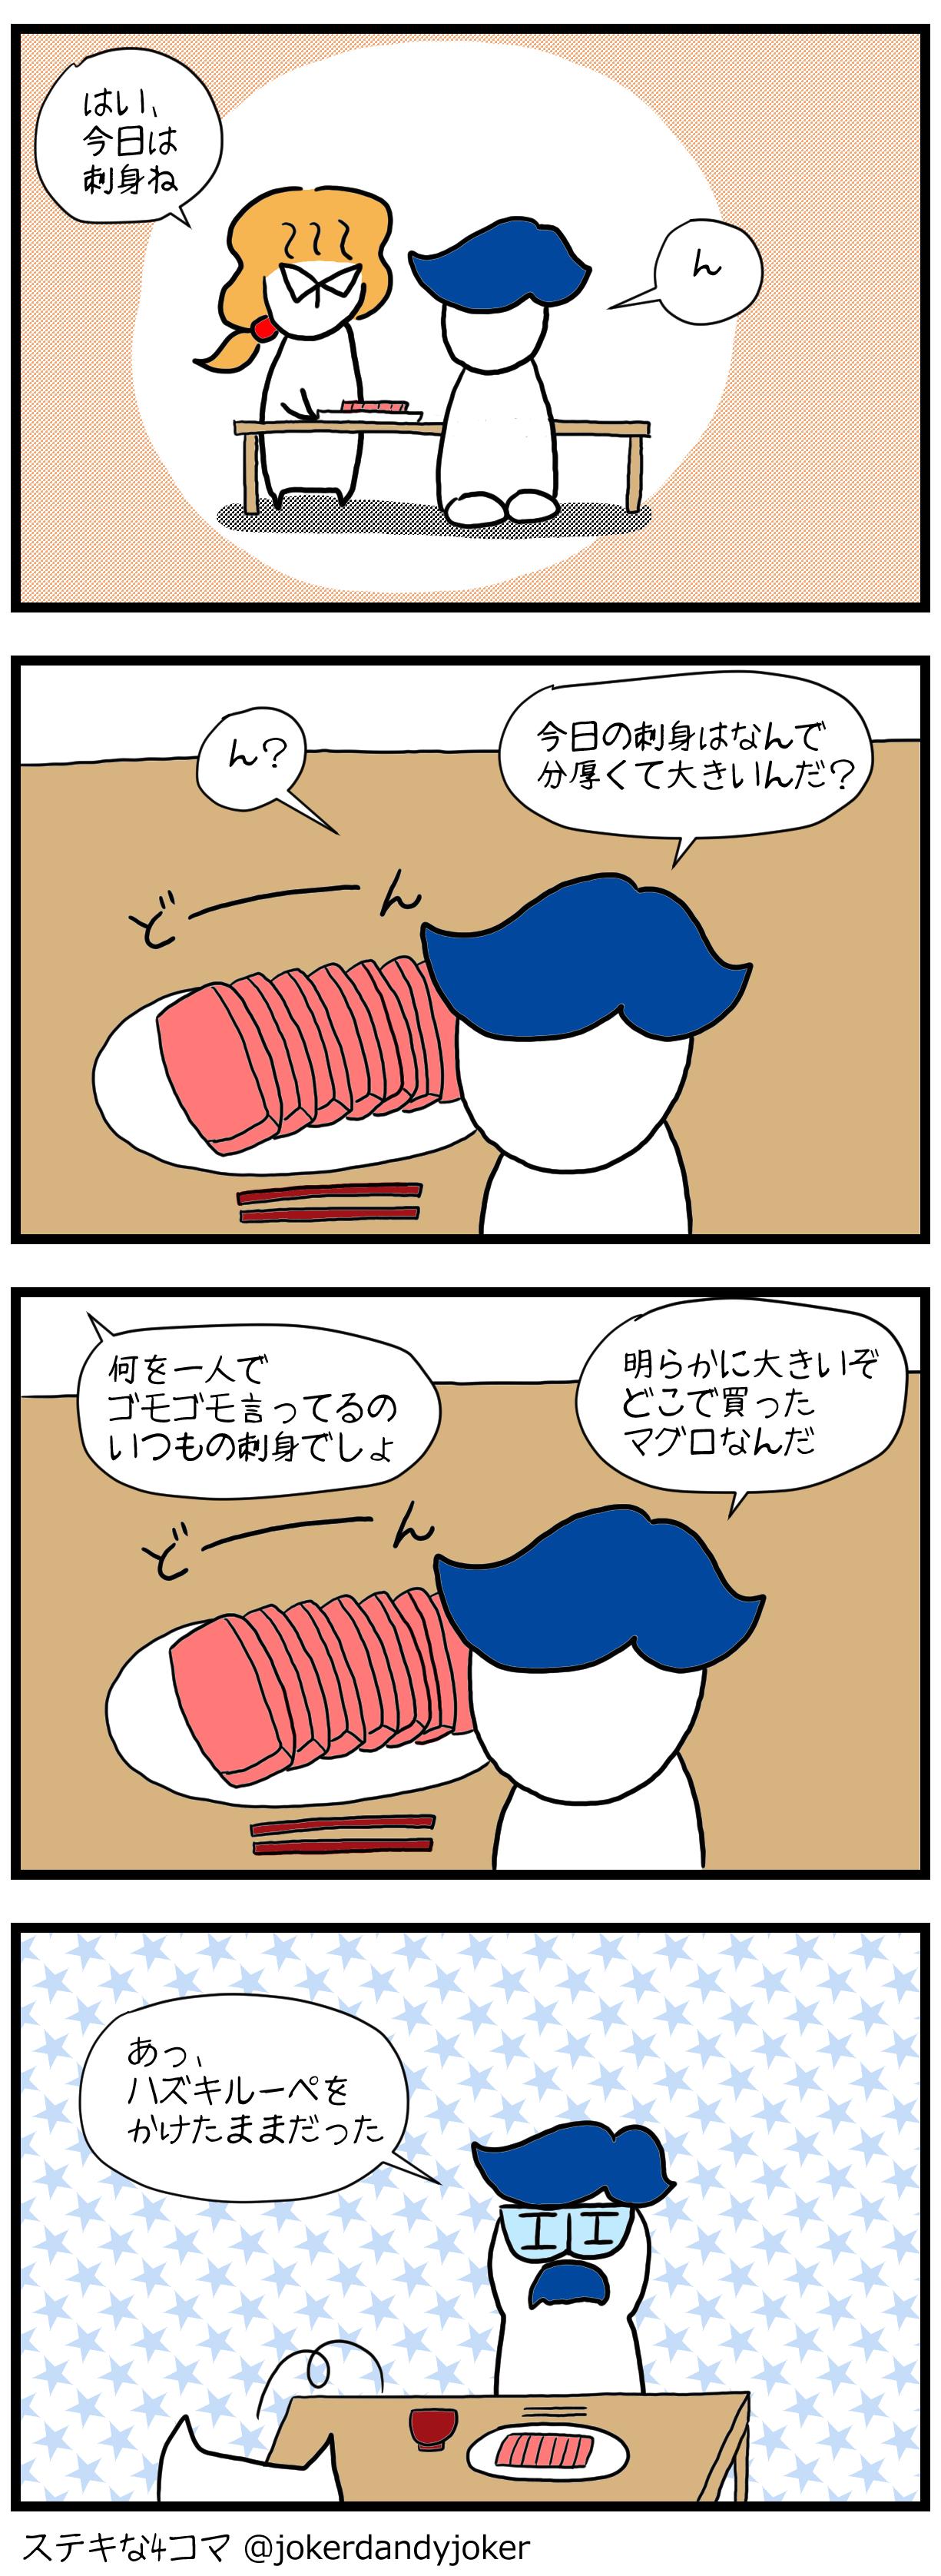 お刺身を食べよう